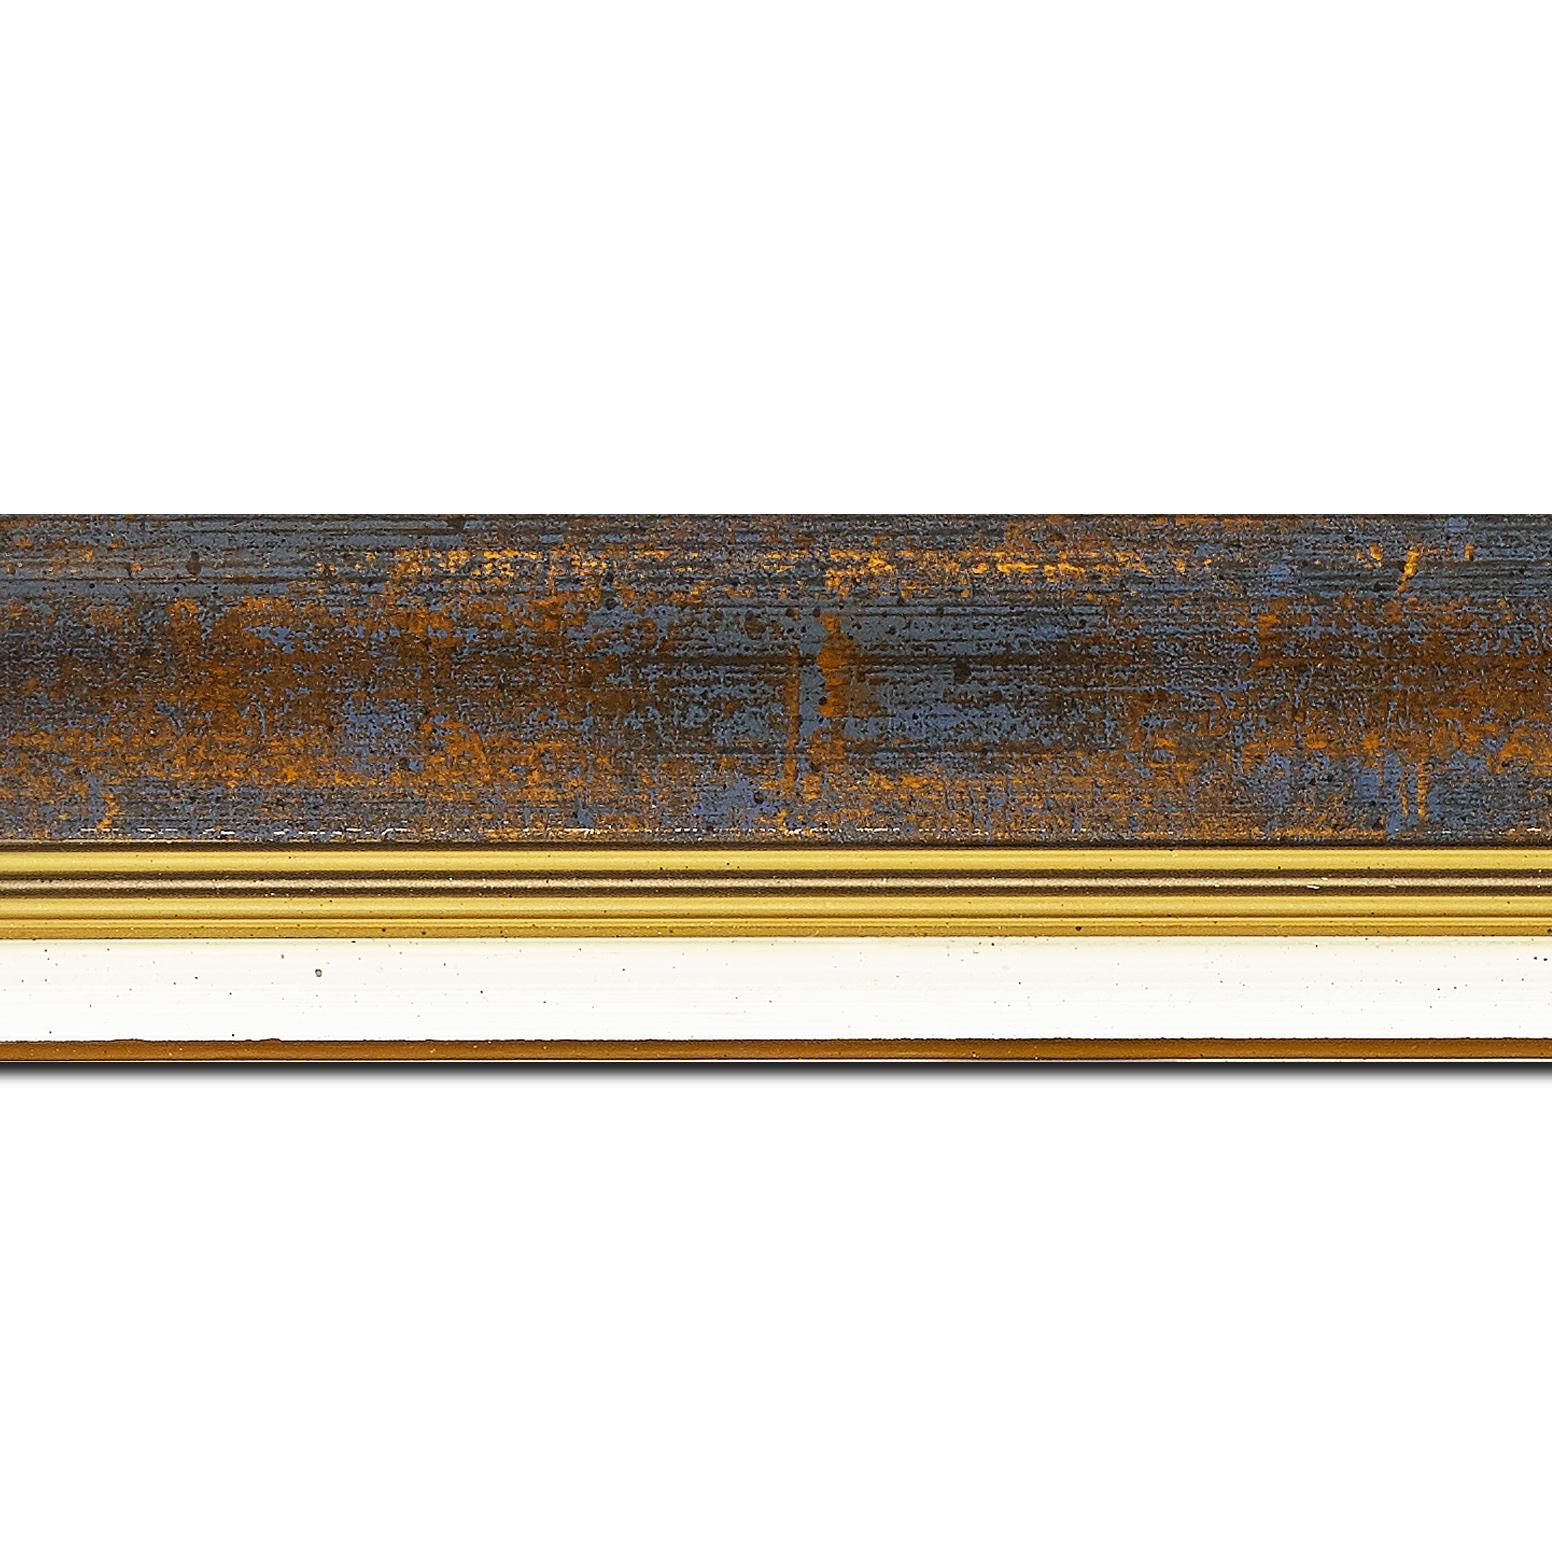 Baguette longueur 1.40m bois profil incurvé largeur 5.7cm de couleur bleu fond or marie louise blanche mouchetée filet or intégré